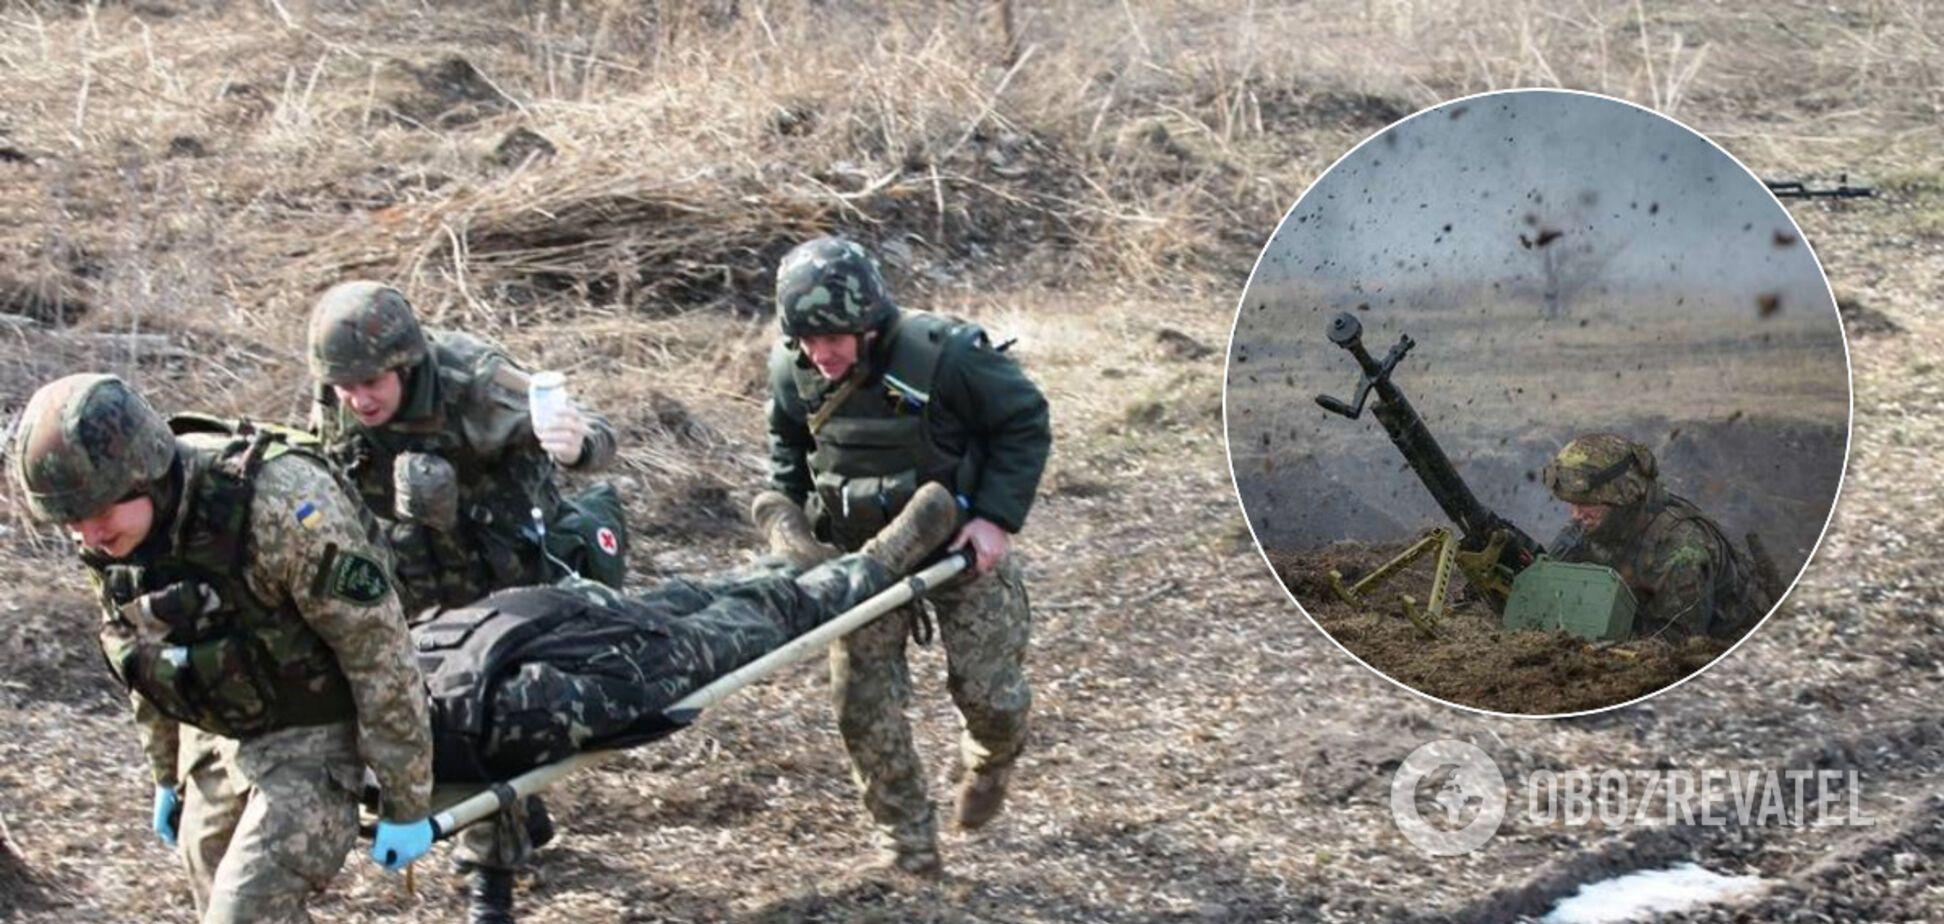 Найманці Путіна убили воїна ЗСУ на Донбасі: розв'язався кривавий бій